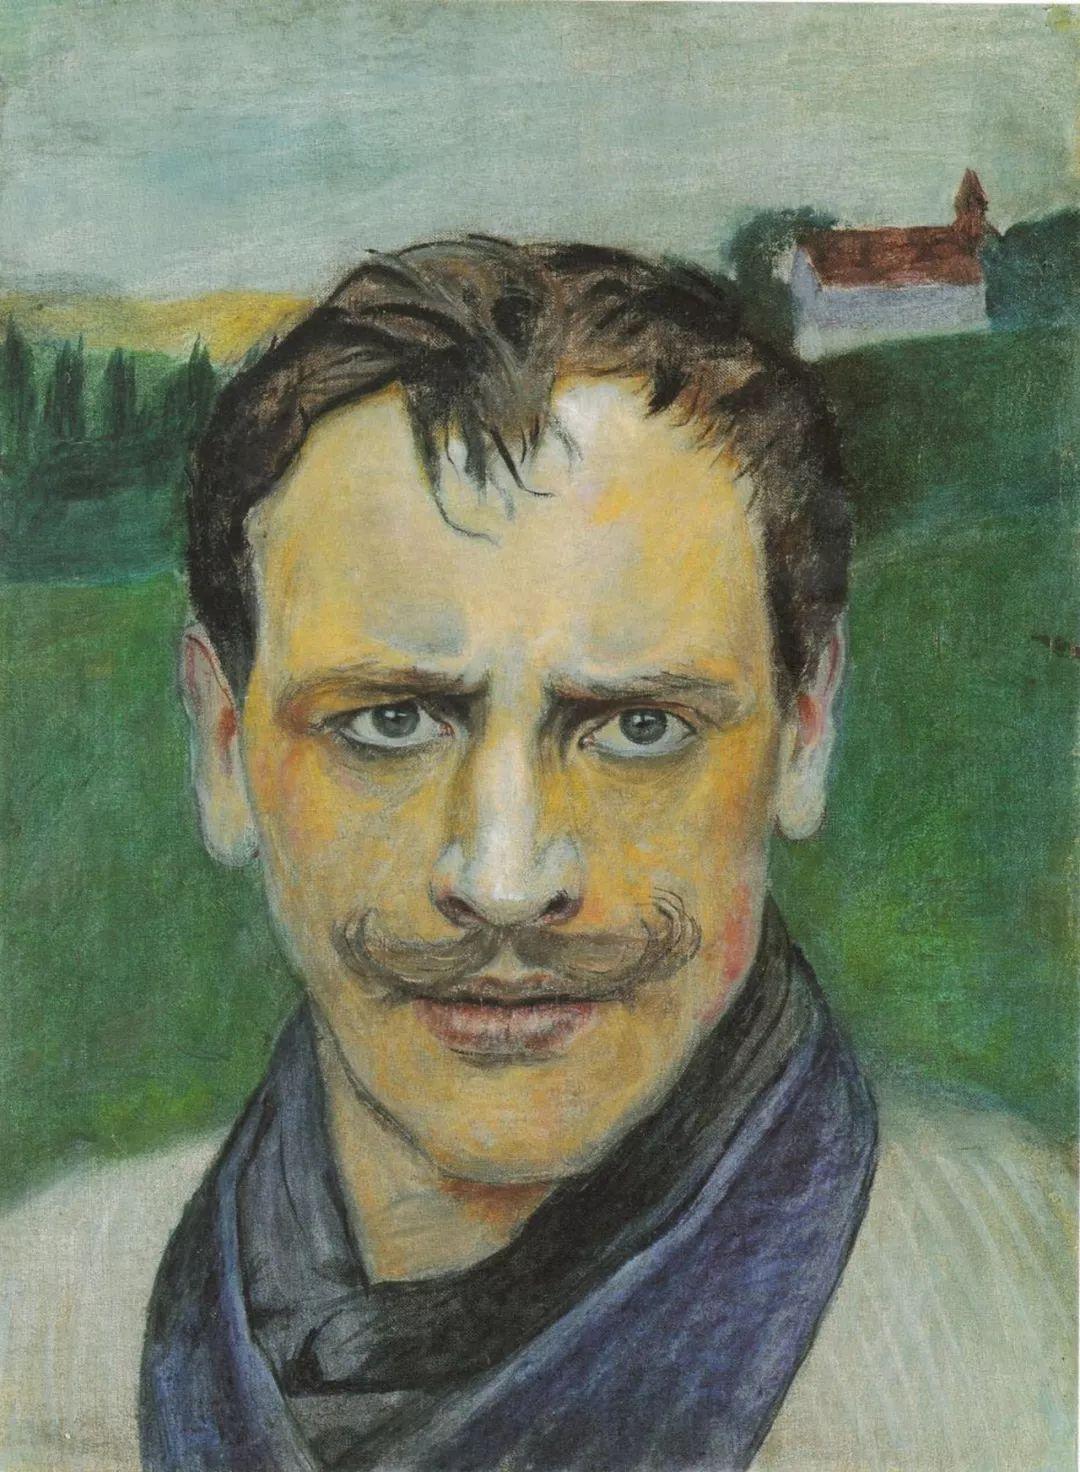 艺术大师---索尔伯格「高清」